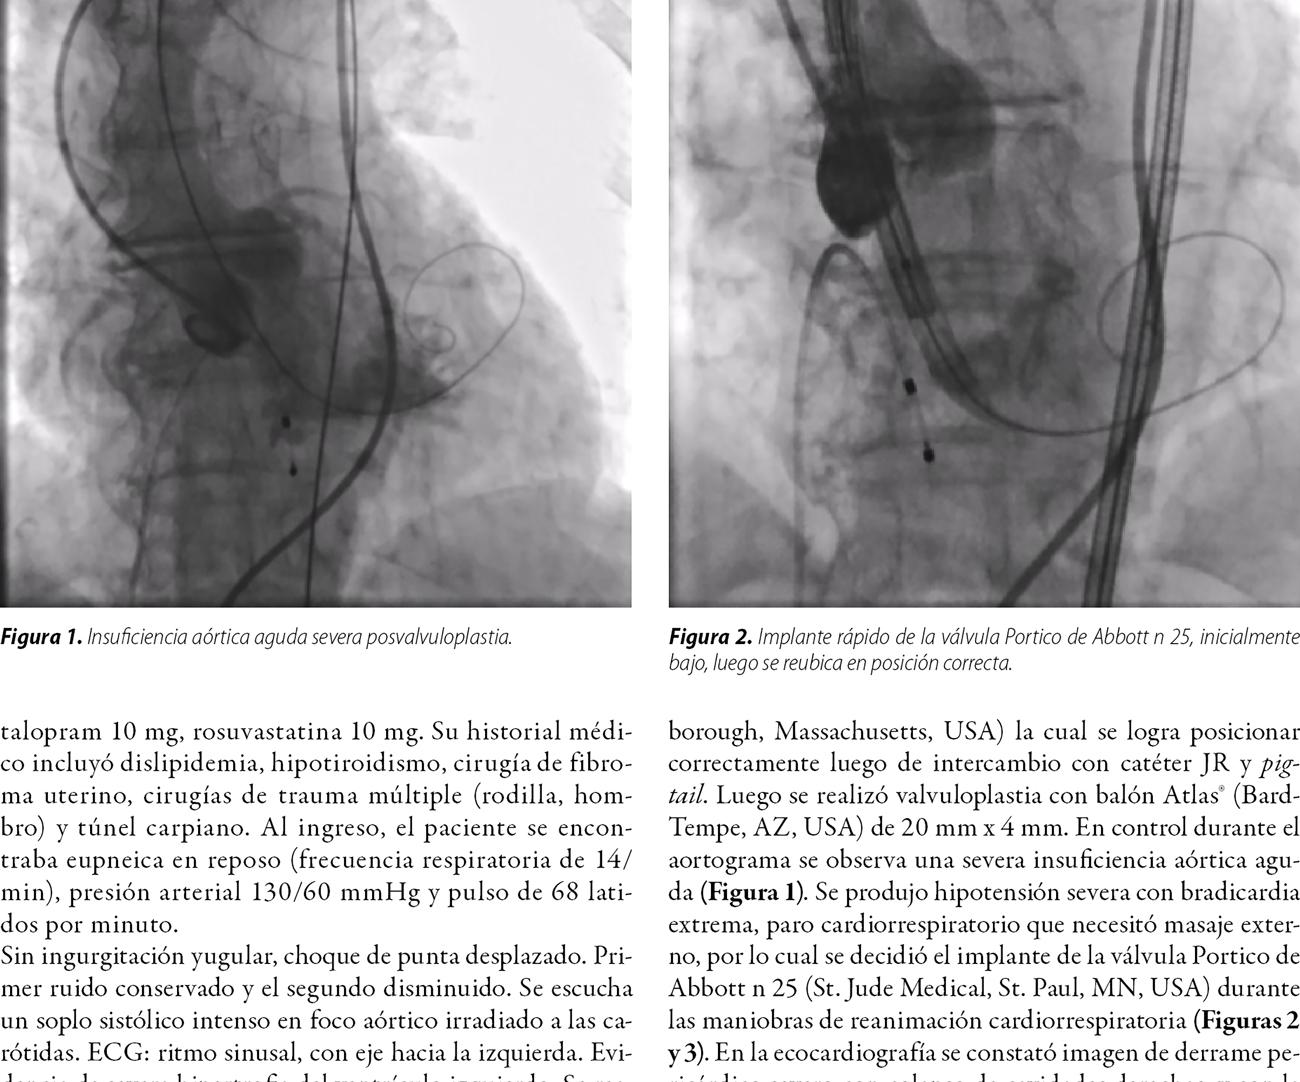 Insuficiencia aórtica aguda, derrame pericárdico y resucitación cardiopulmonar durante TAVI: doble complicación e implante exitoso en una válvula autoexpandible